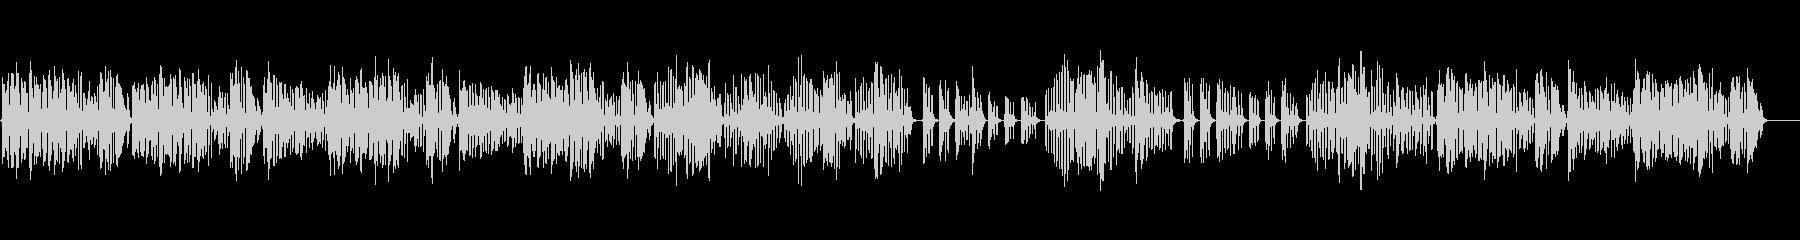 ボッケリーニ/メヌエット/バイオリンソロの未再生の波形